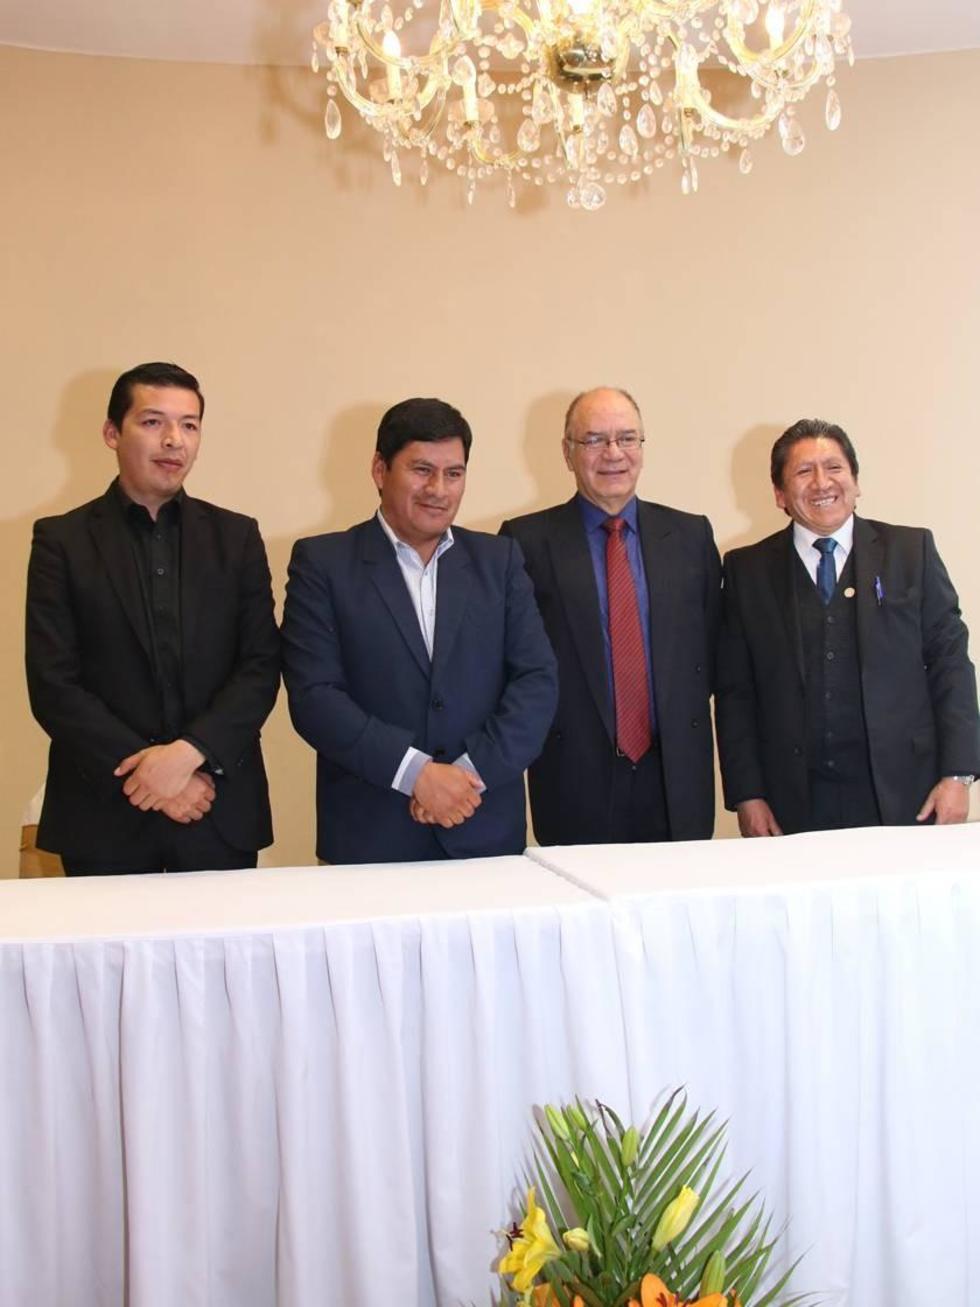 Los dirigentes en el acto de inauguración.